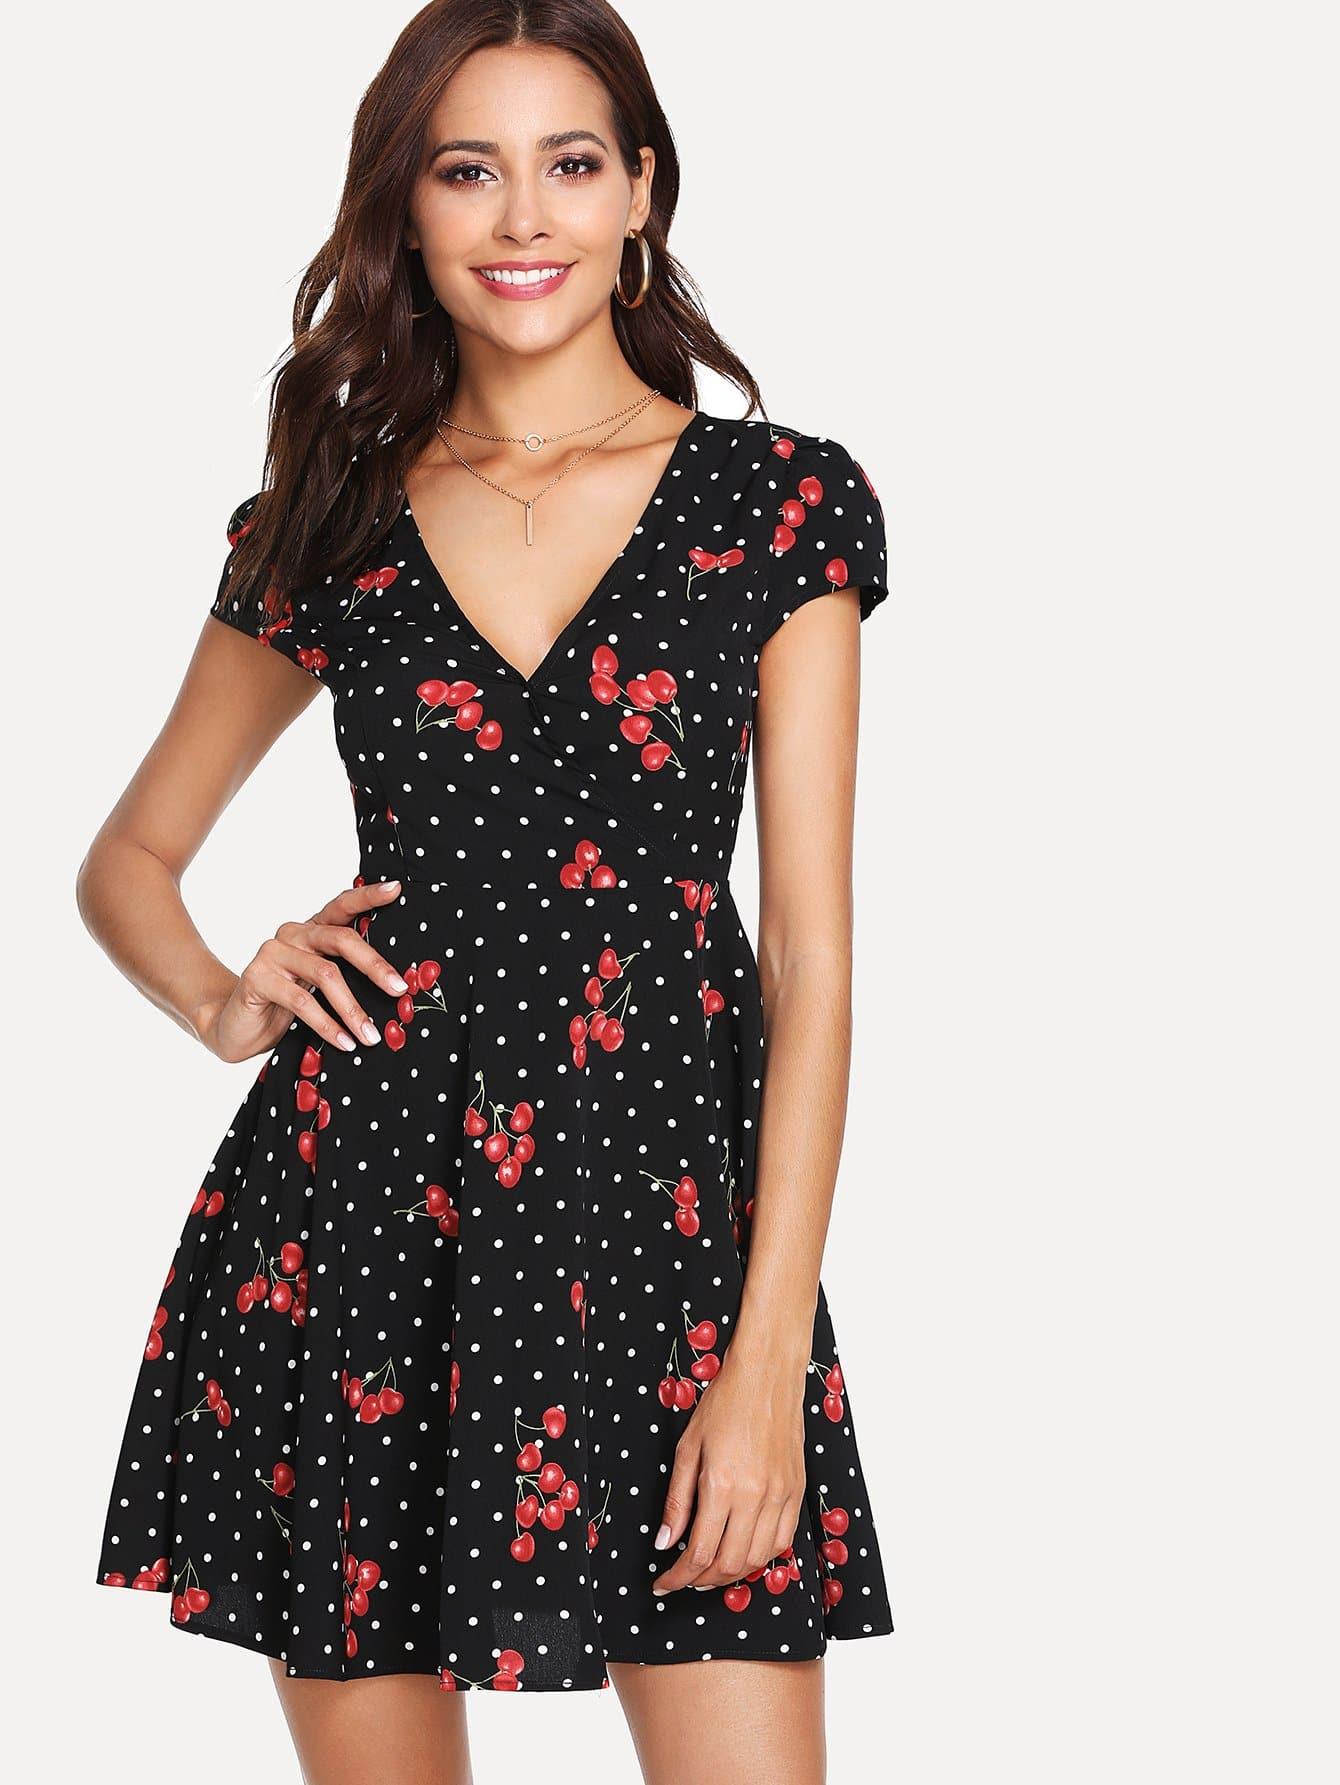 Купить Платье с принтом в горошек и вишни с запахом, Giulia, SheIn